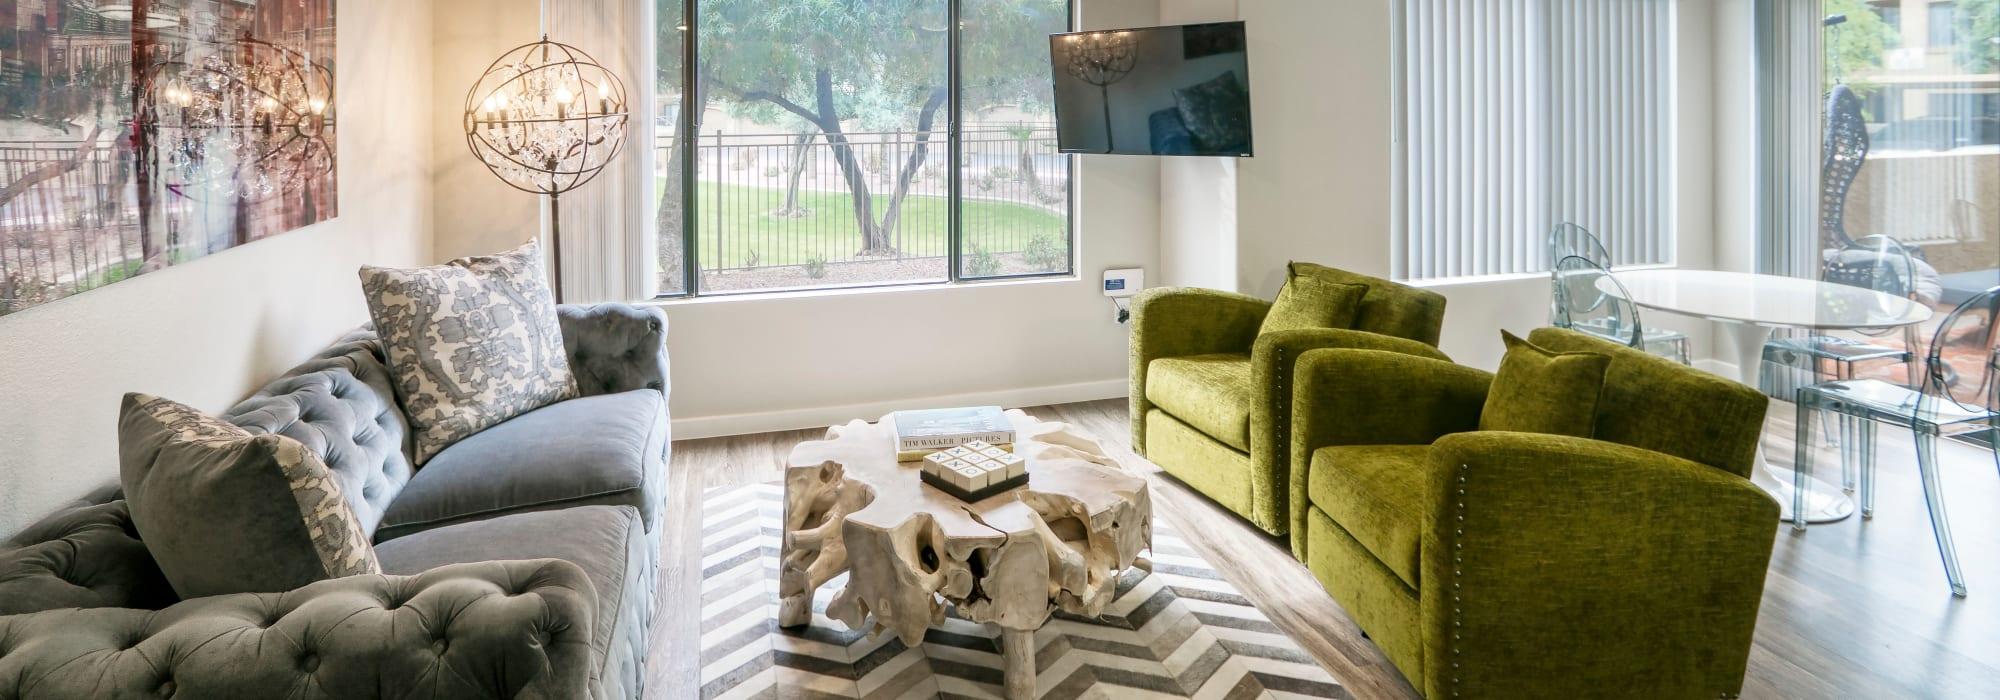 Bright Living Room at Waterside at Ocotillo